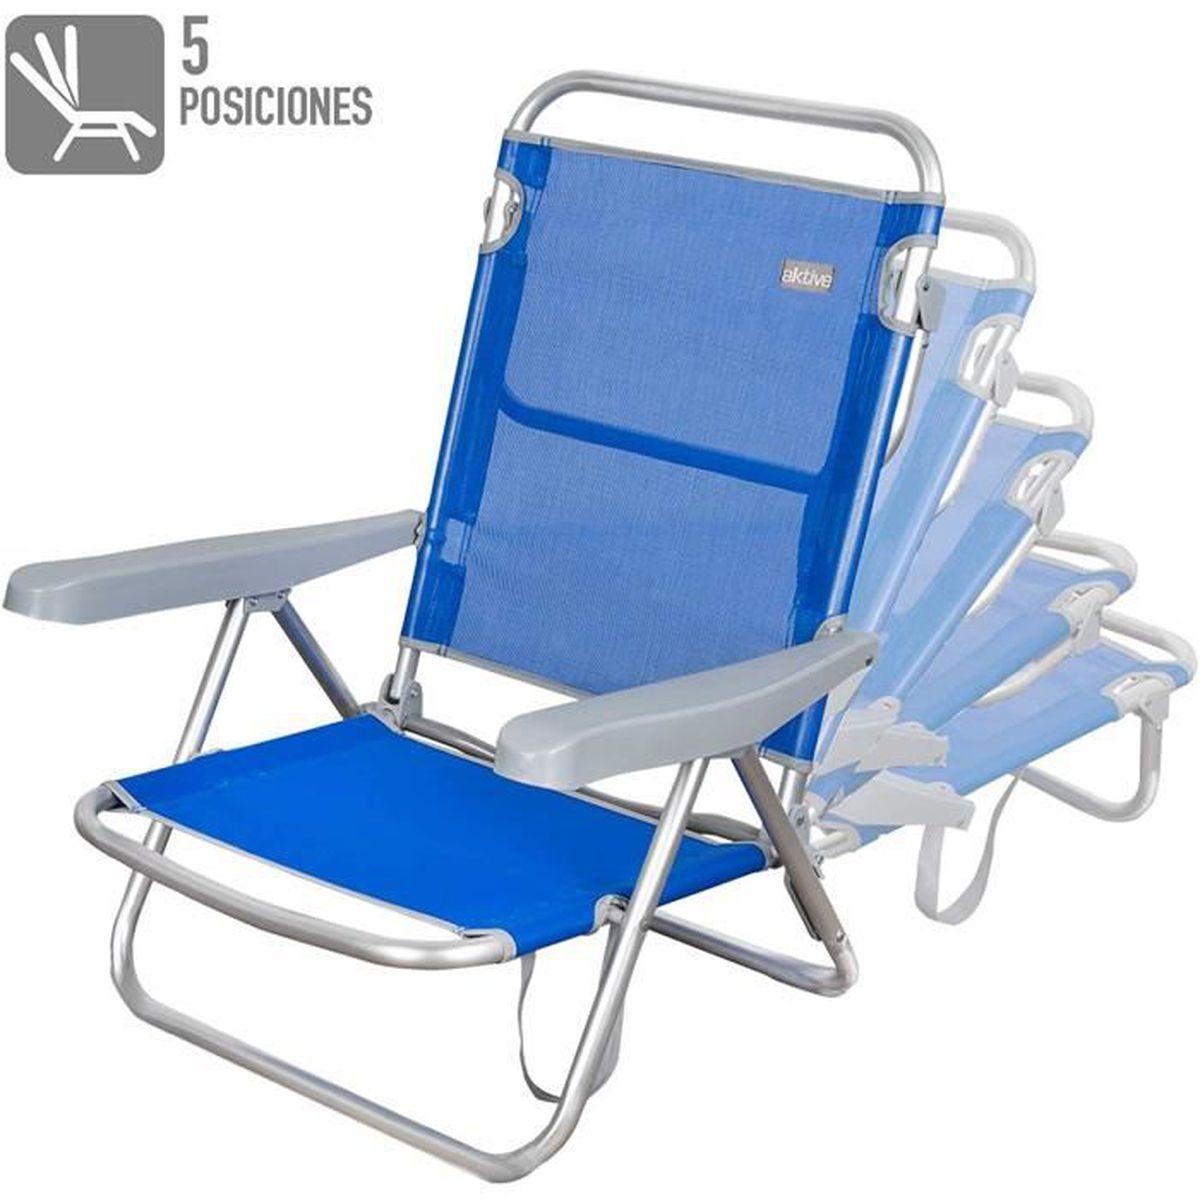 Chaise de plage basse, pliante avec 6 positions ,de couleur bleue